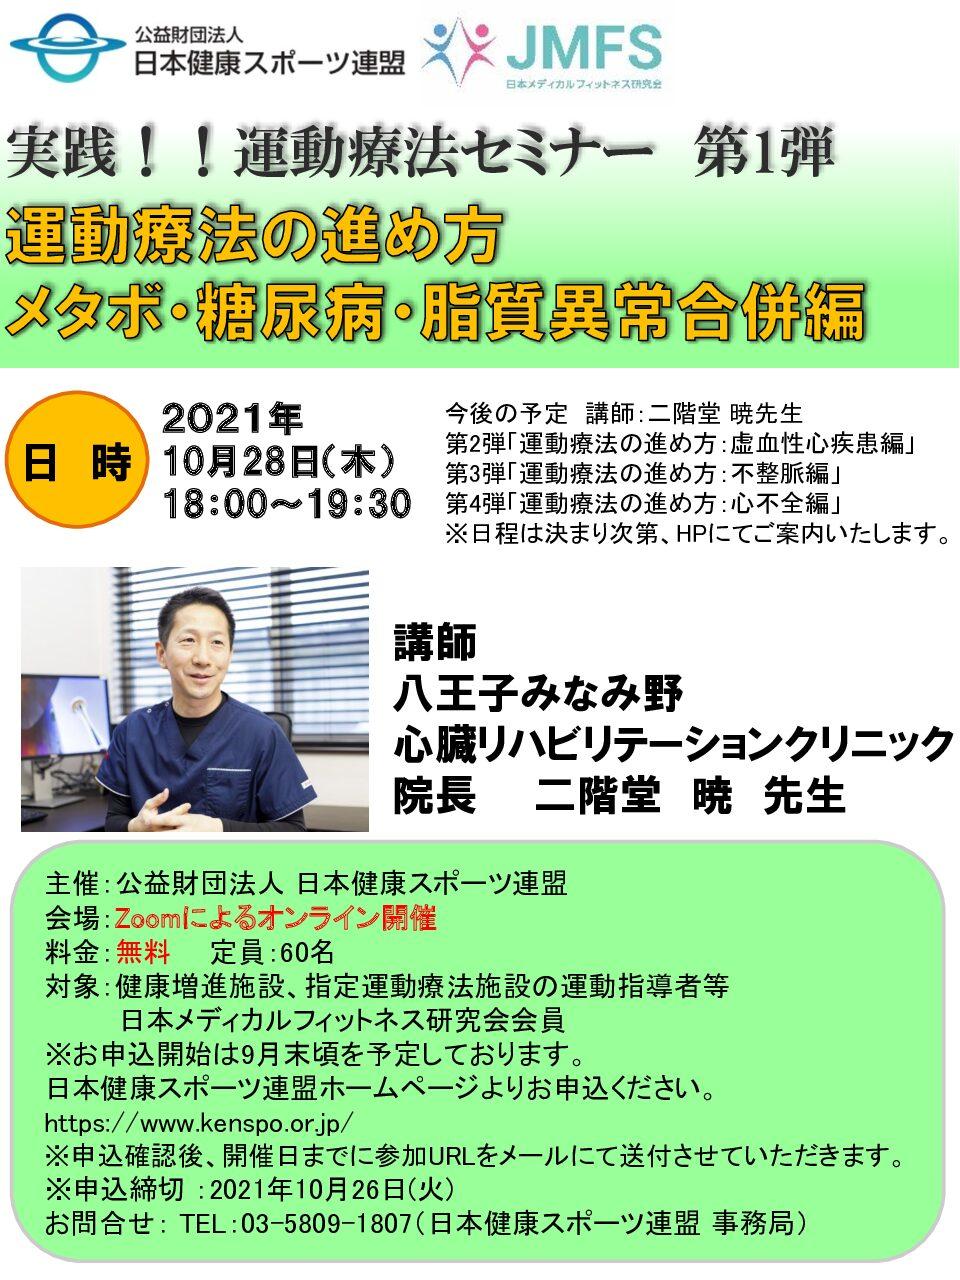 10/28(木)に「実践!!運動療法セミナー第1弾 」をWebにて開催致します。お申込はこちら!!